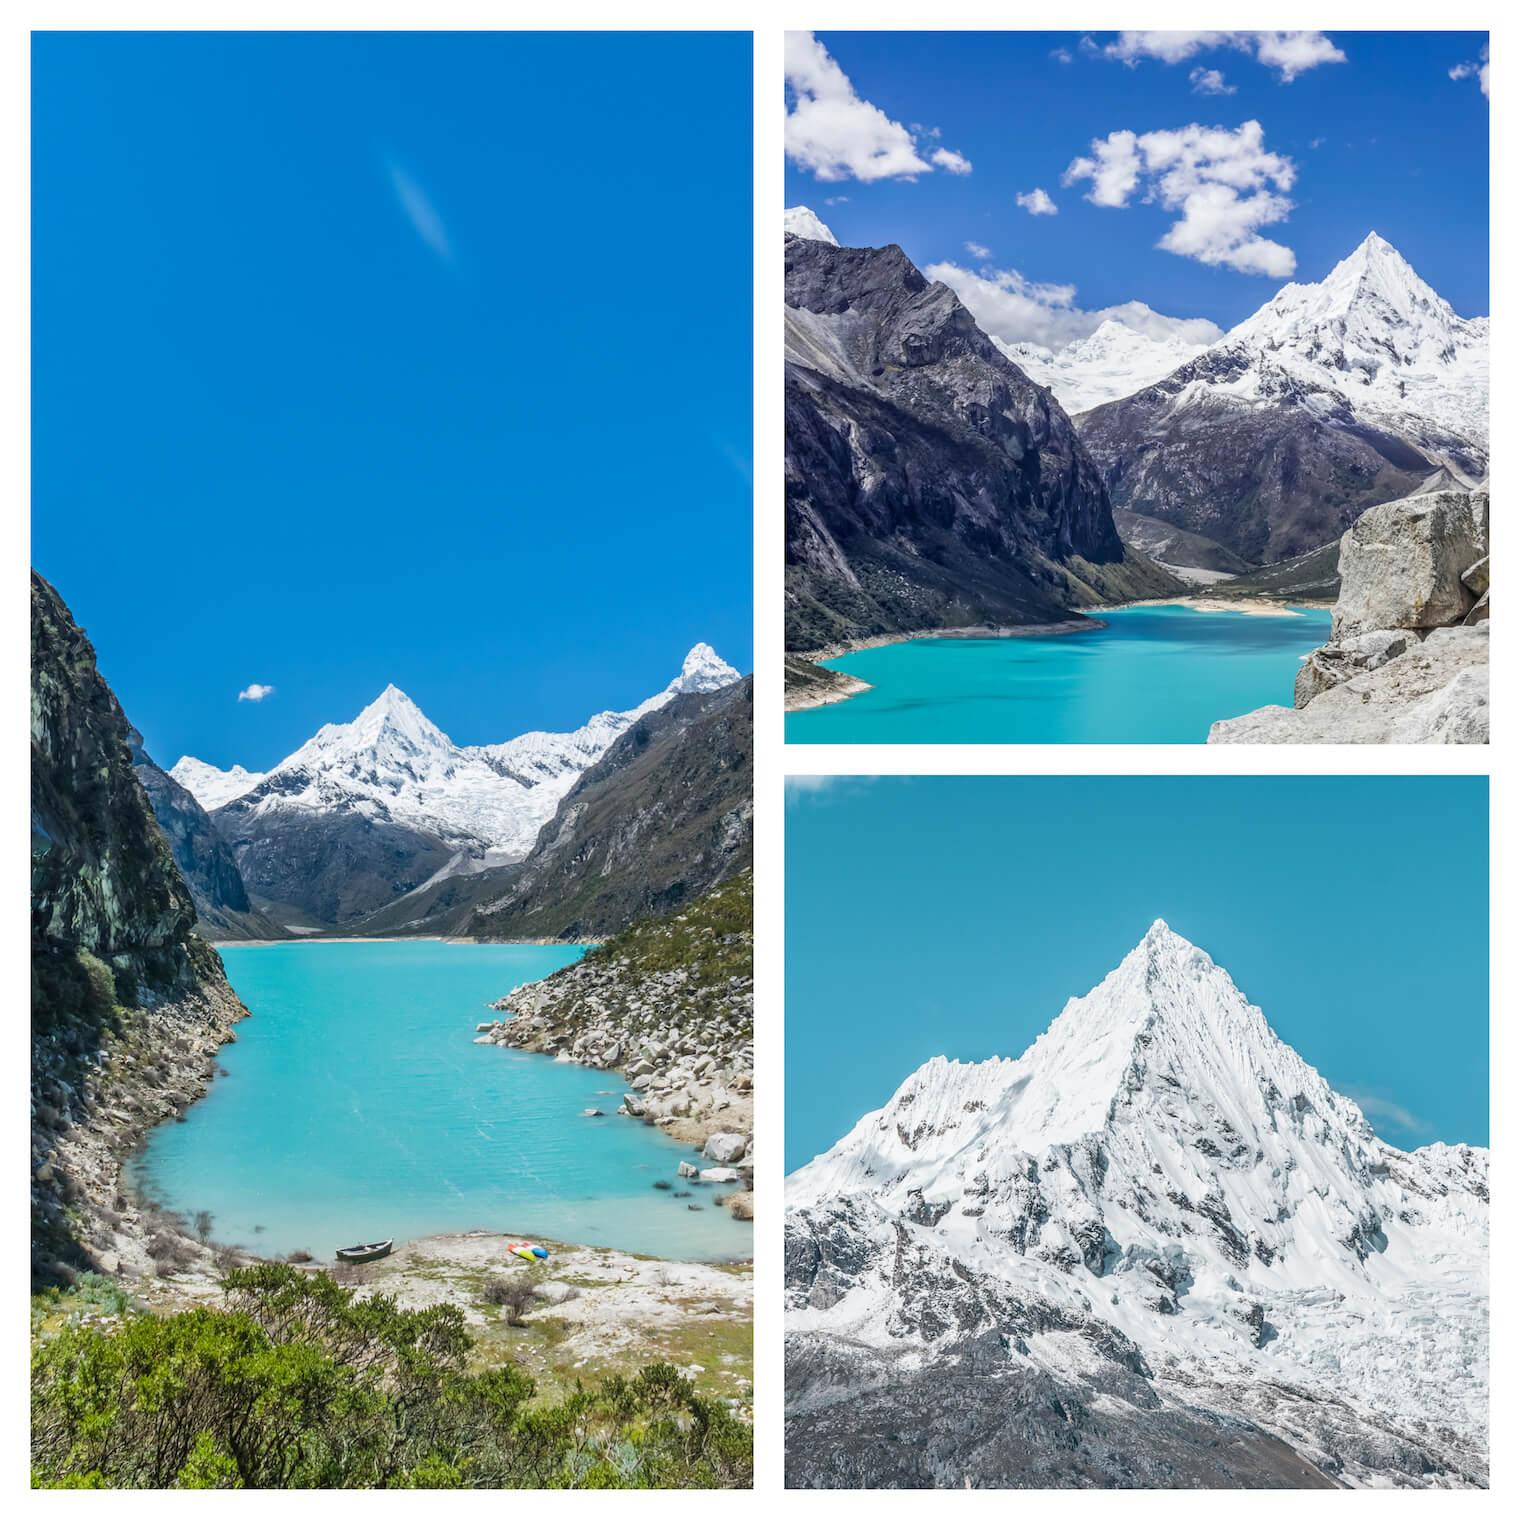 3 fotos: Em destaque na esquerda: foto de um lago bastante azul com uma montanha nevada ao fundo. Superior direita: outra visão do lago e montanha um pouco mais de cima. Inferior direita: um destaque no pico nevado.